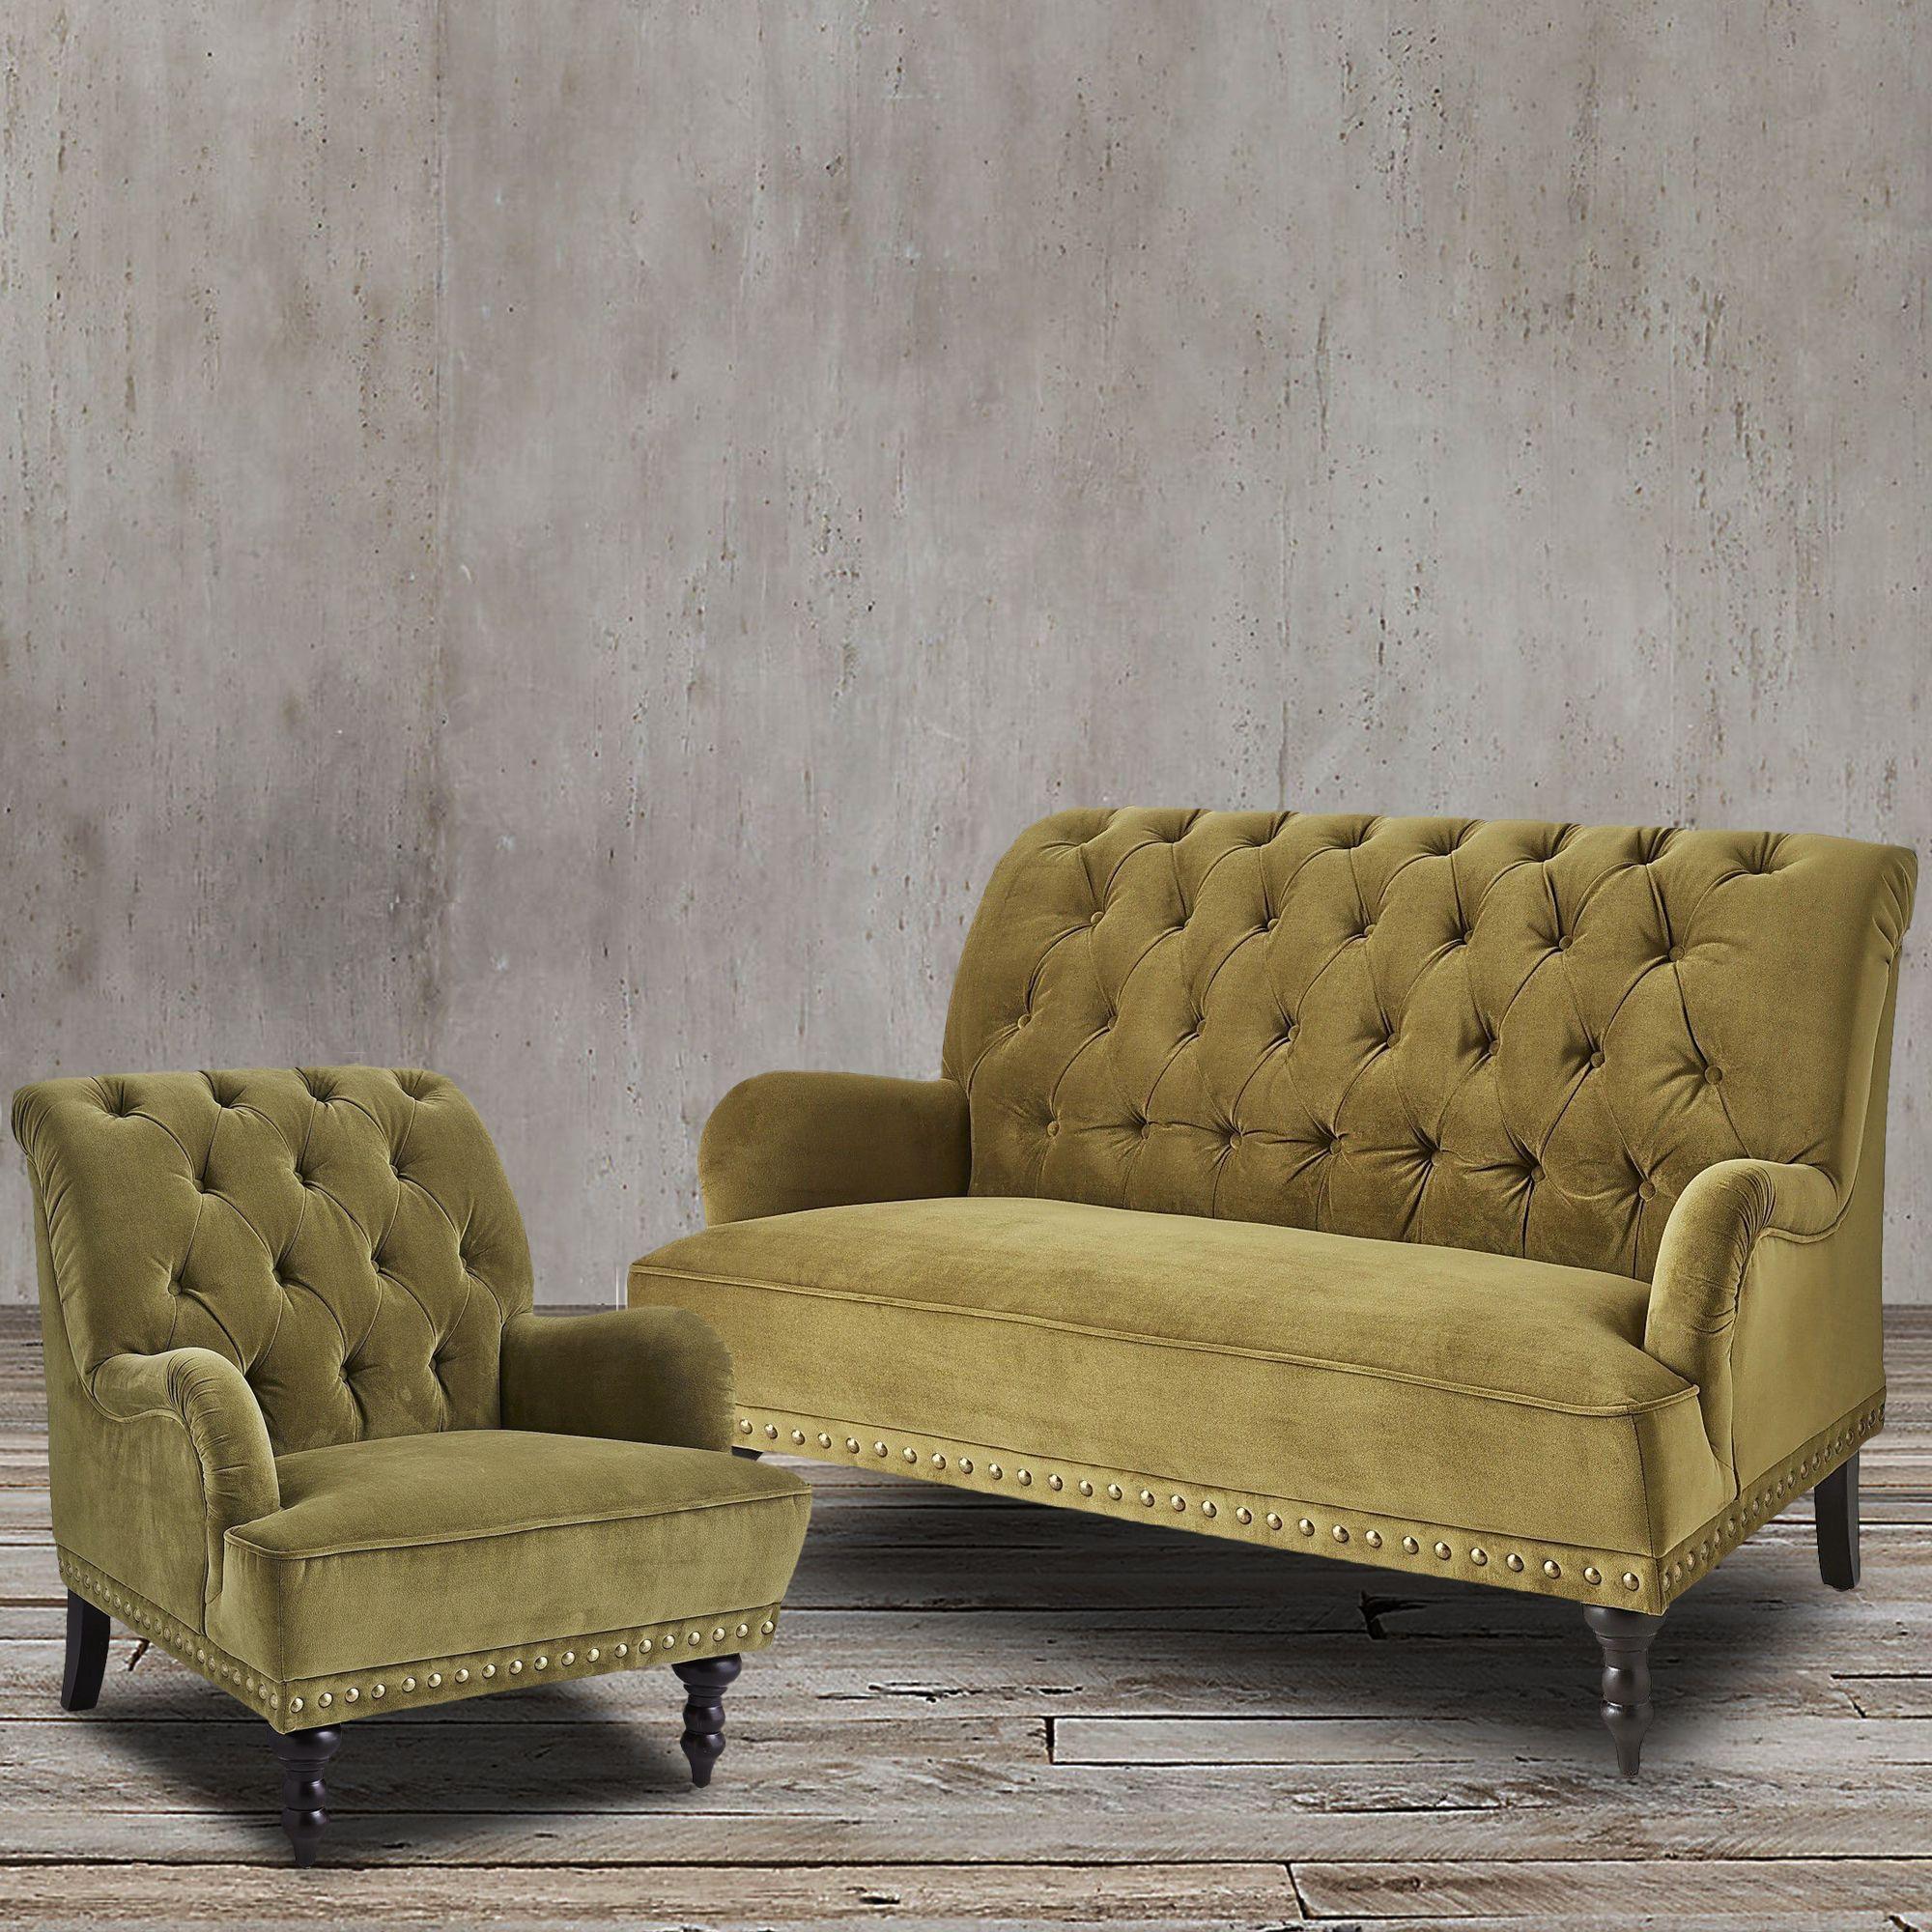 sofa green velvet dfs loveseat aqua eden luxe large luxevelvet